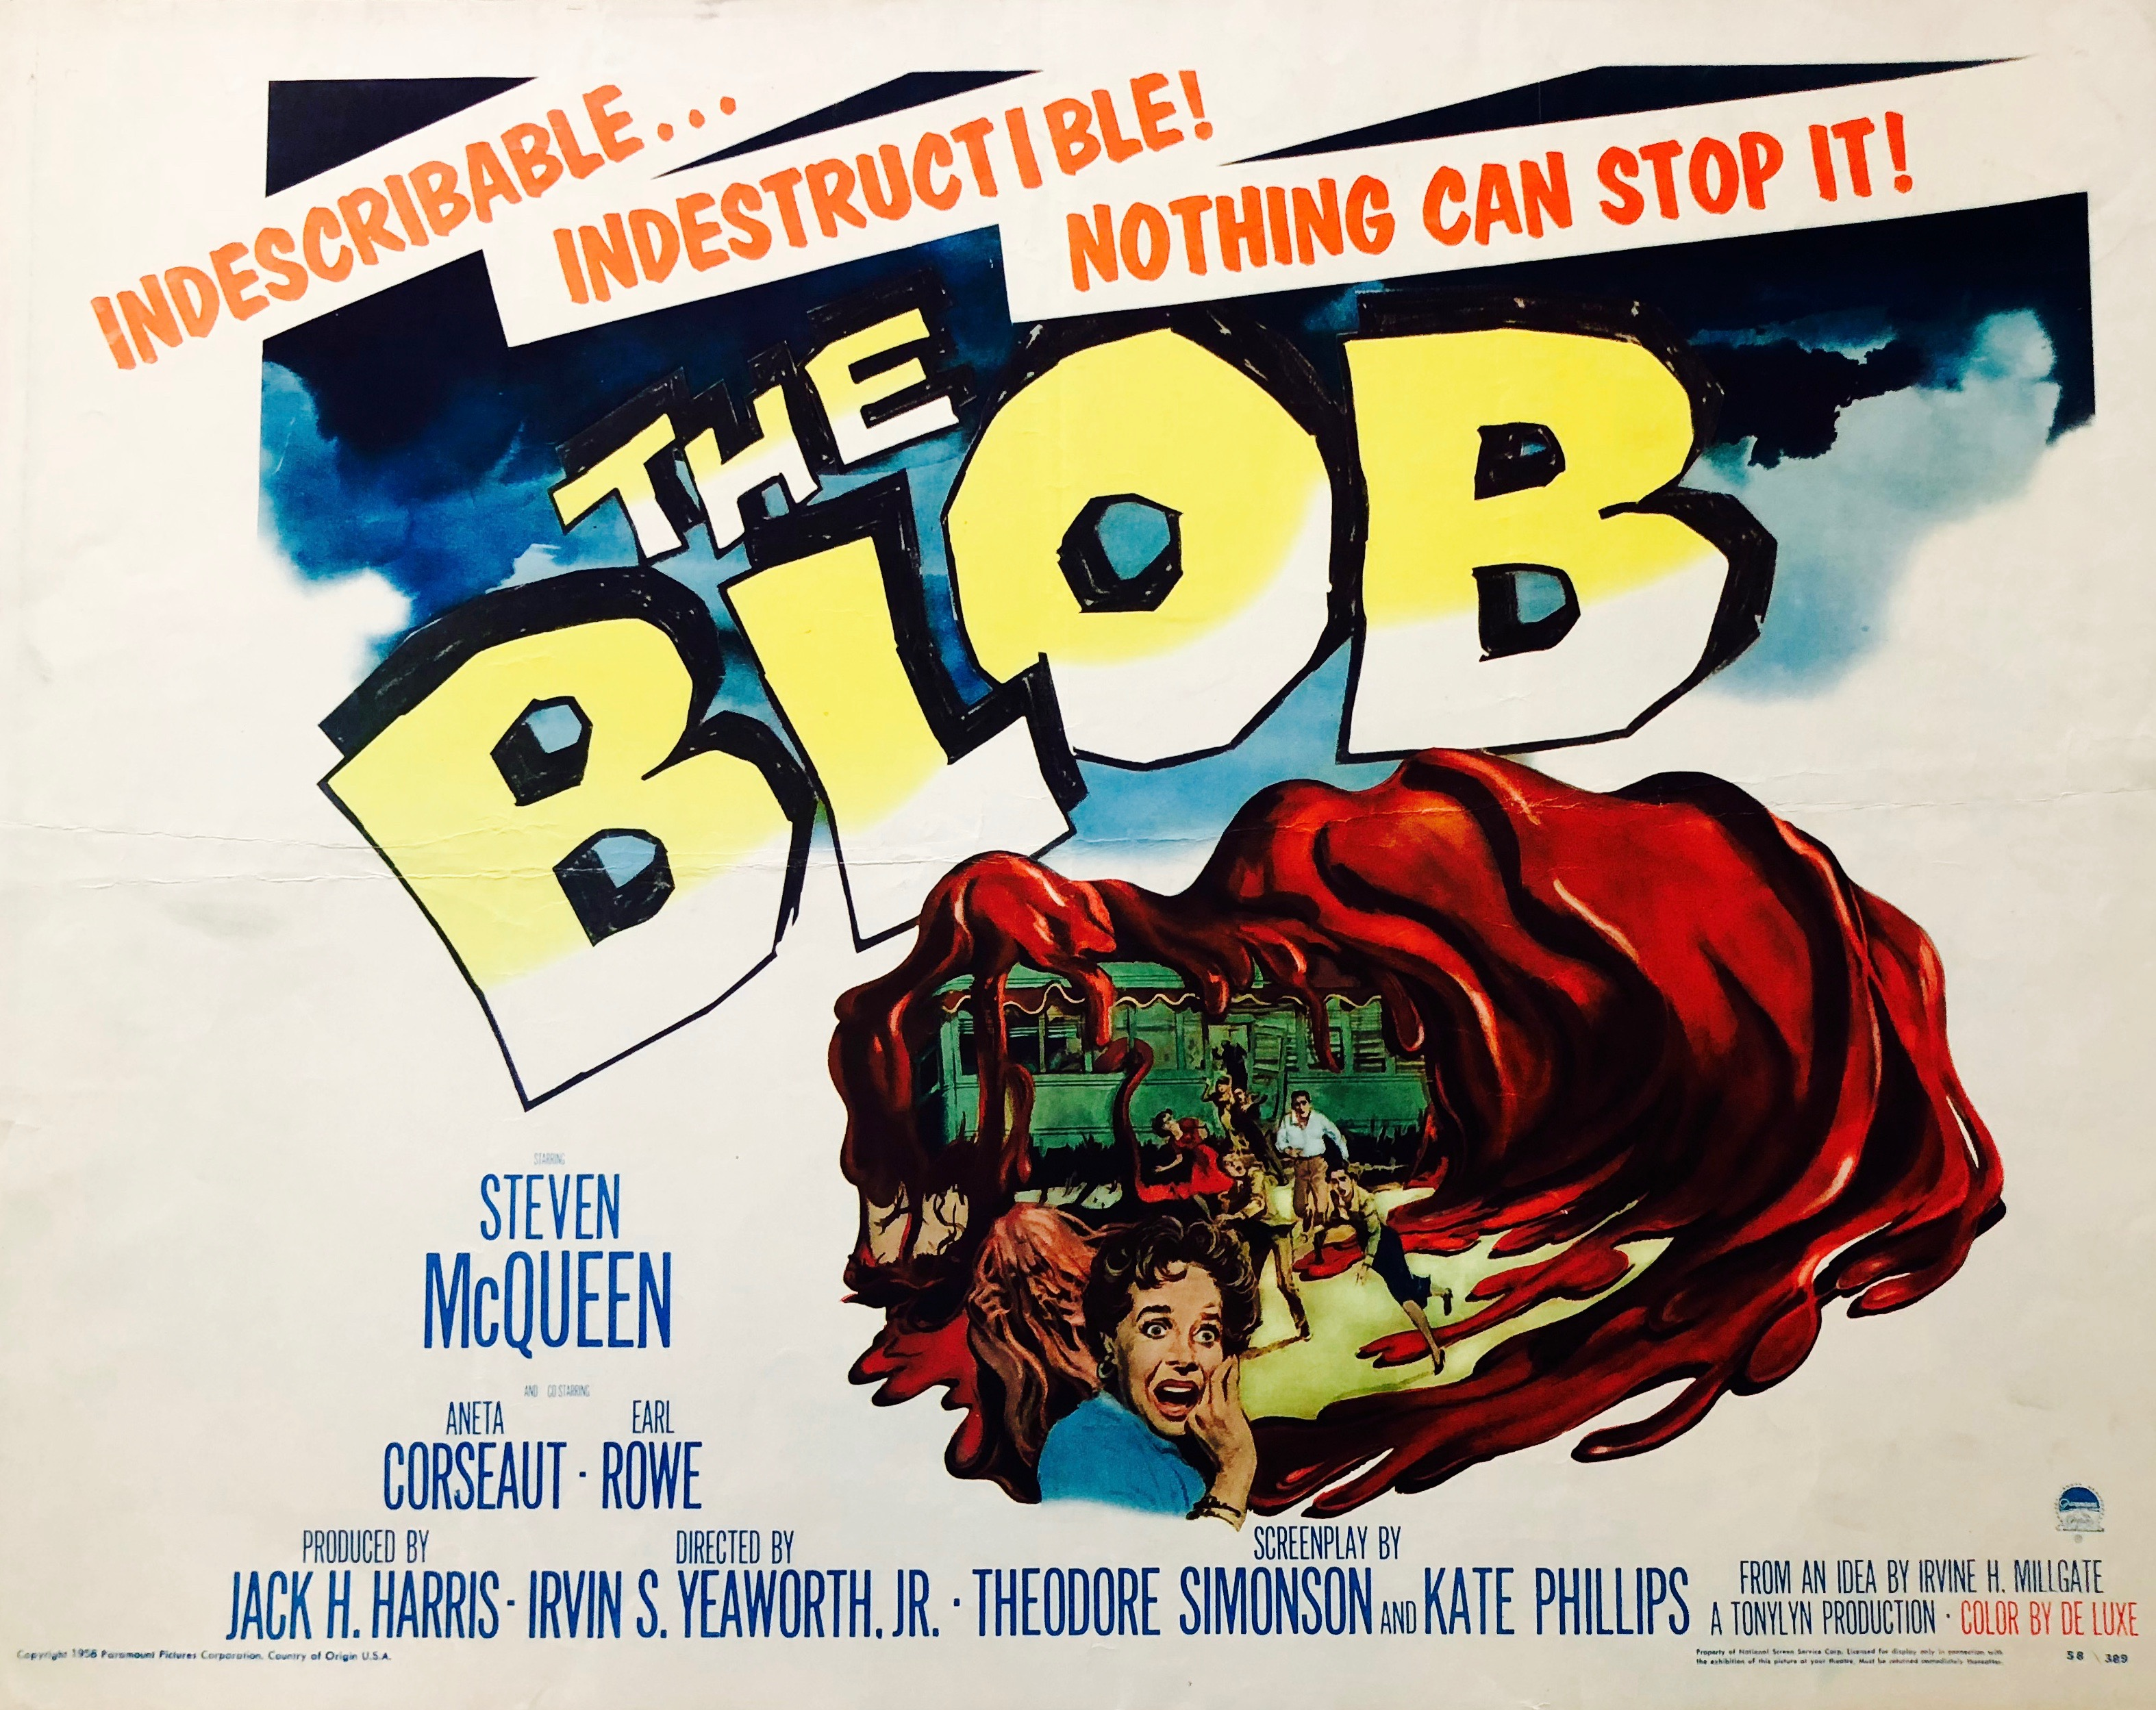 The Blob 1958 S McQueen Retro Movie Poster A0-A1-A2-A3-A4-A5-A6-MAXI 229